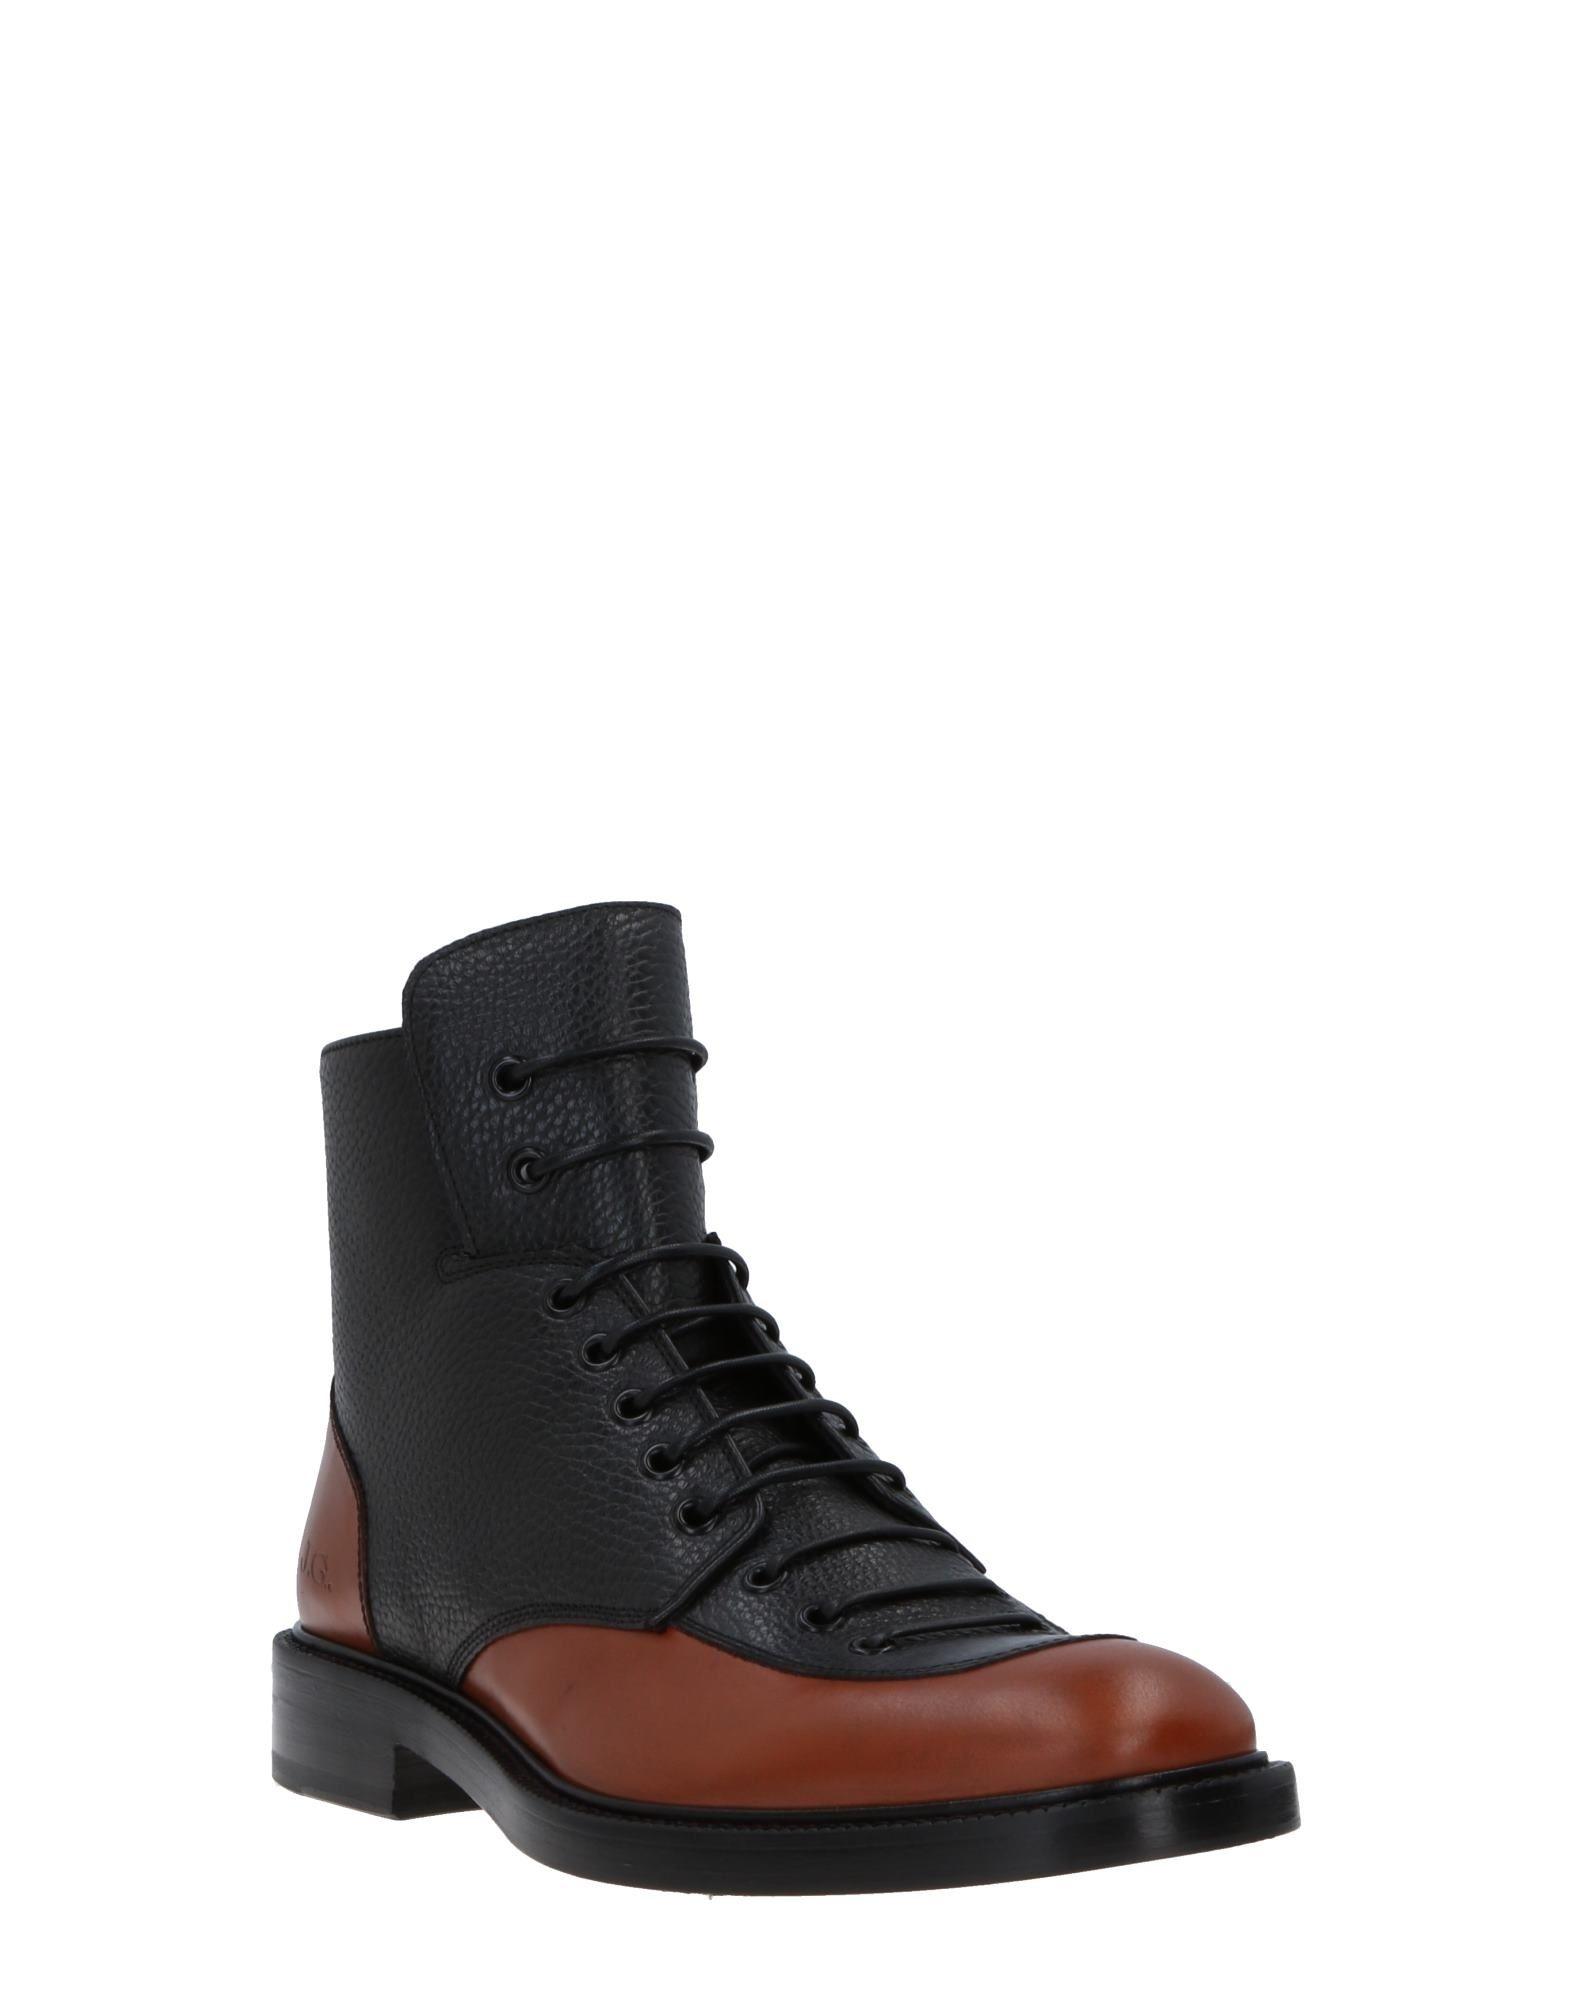 John Galliano Neue Stiefelette Herren  11516818CN Neue Galliano Schuhe 0f1a0d